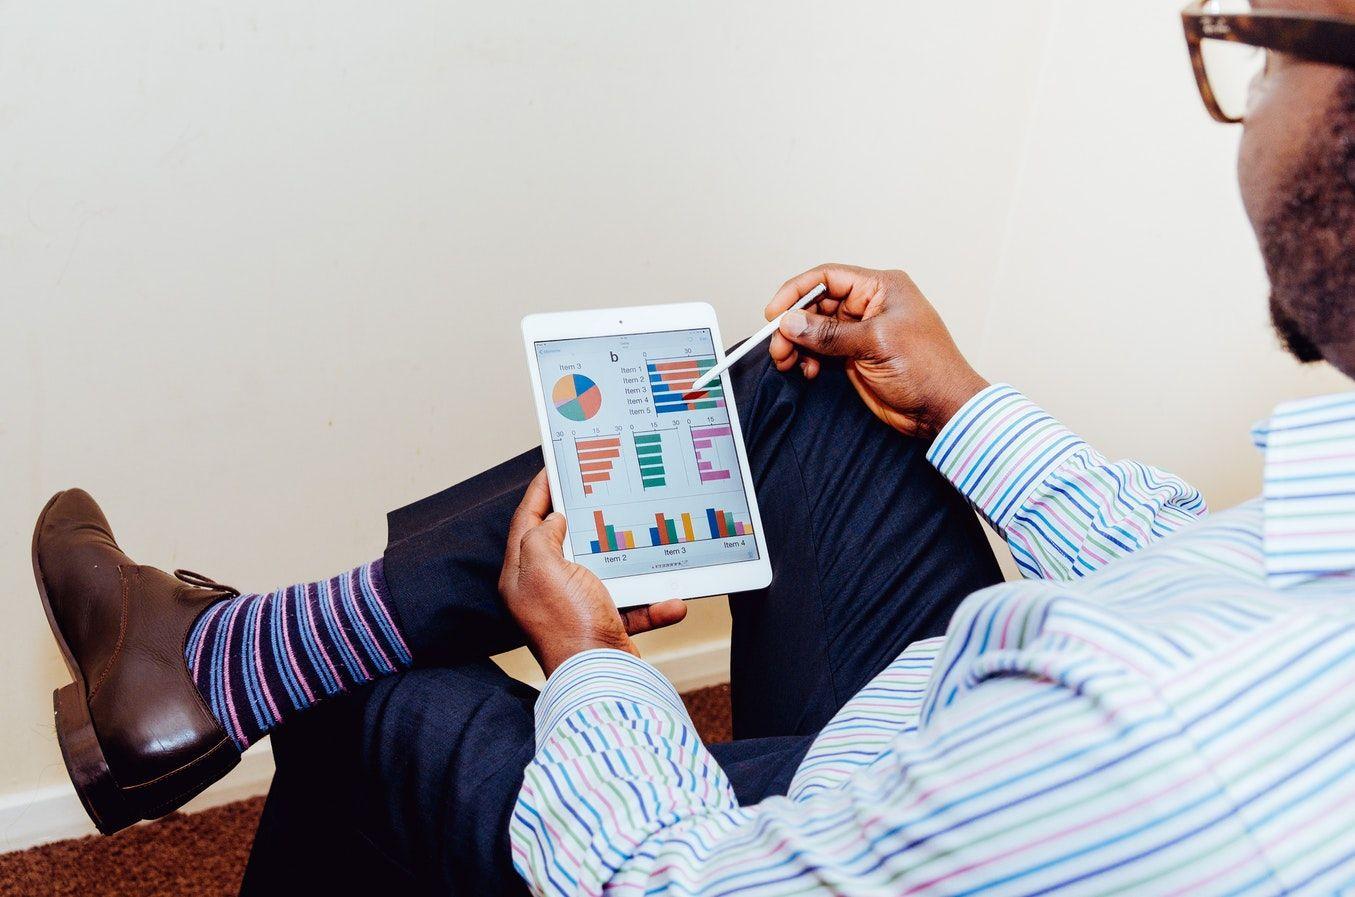 Come le app aziendali possono offrire soluzioni alle imprese